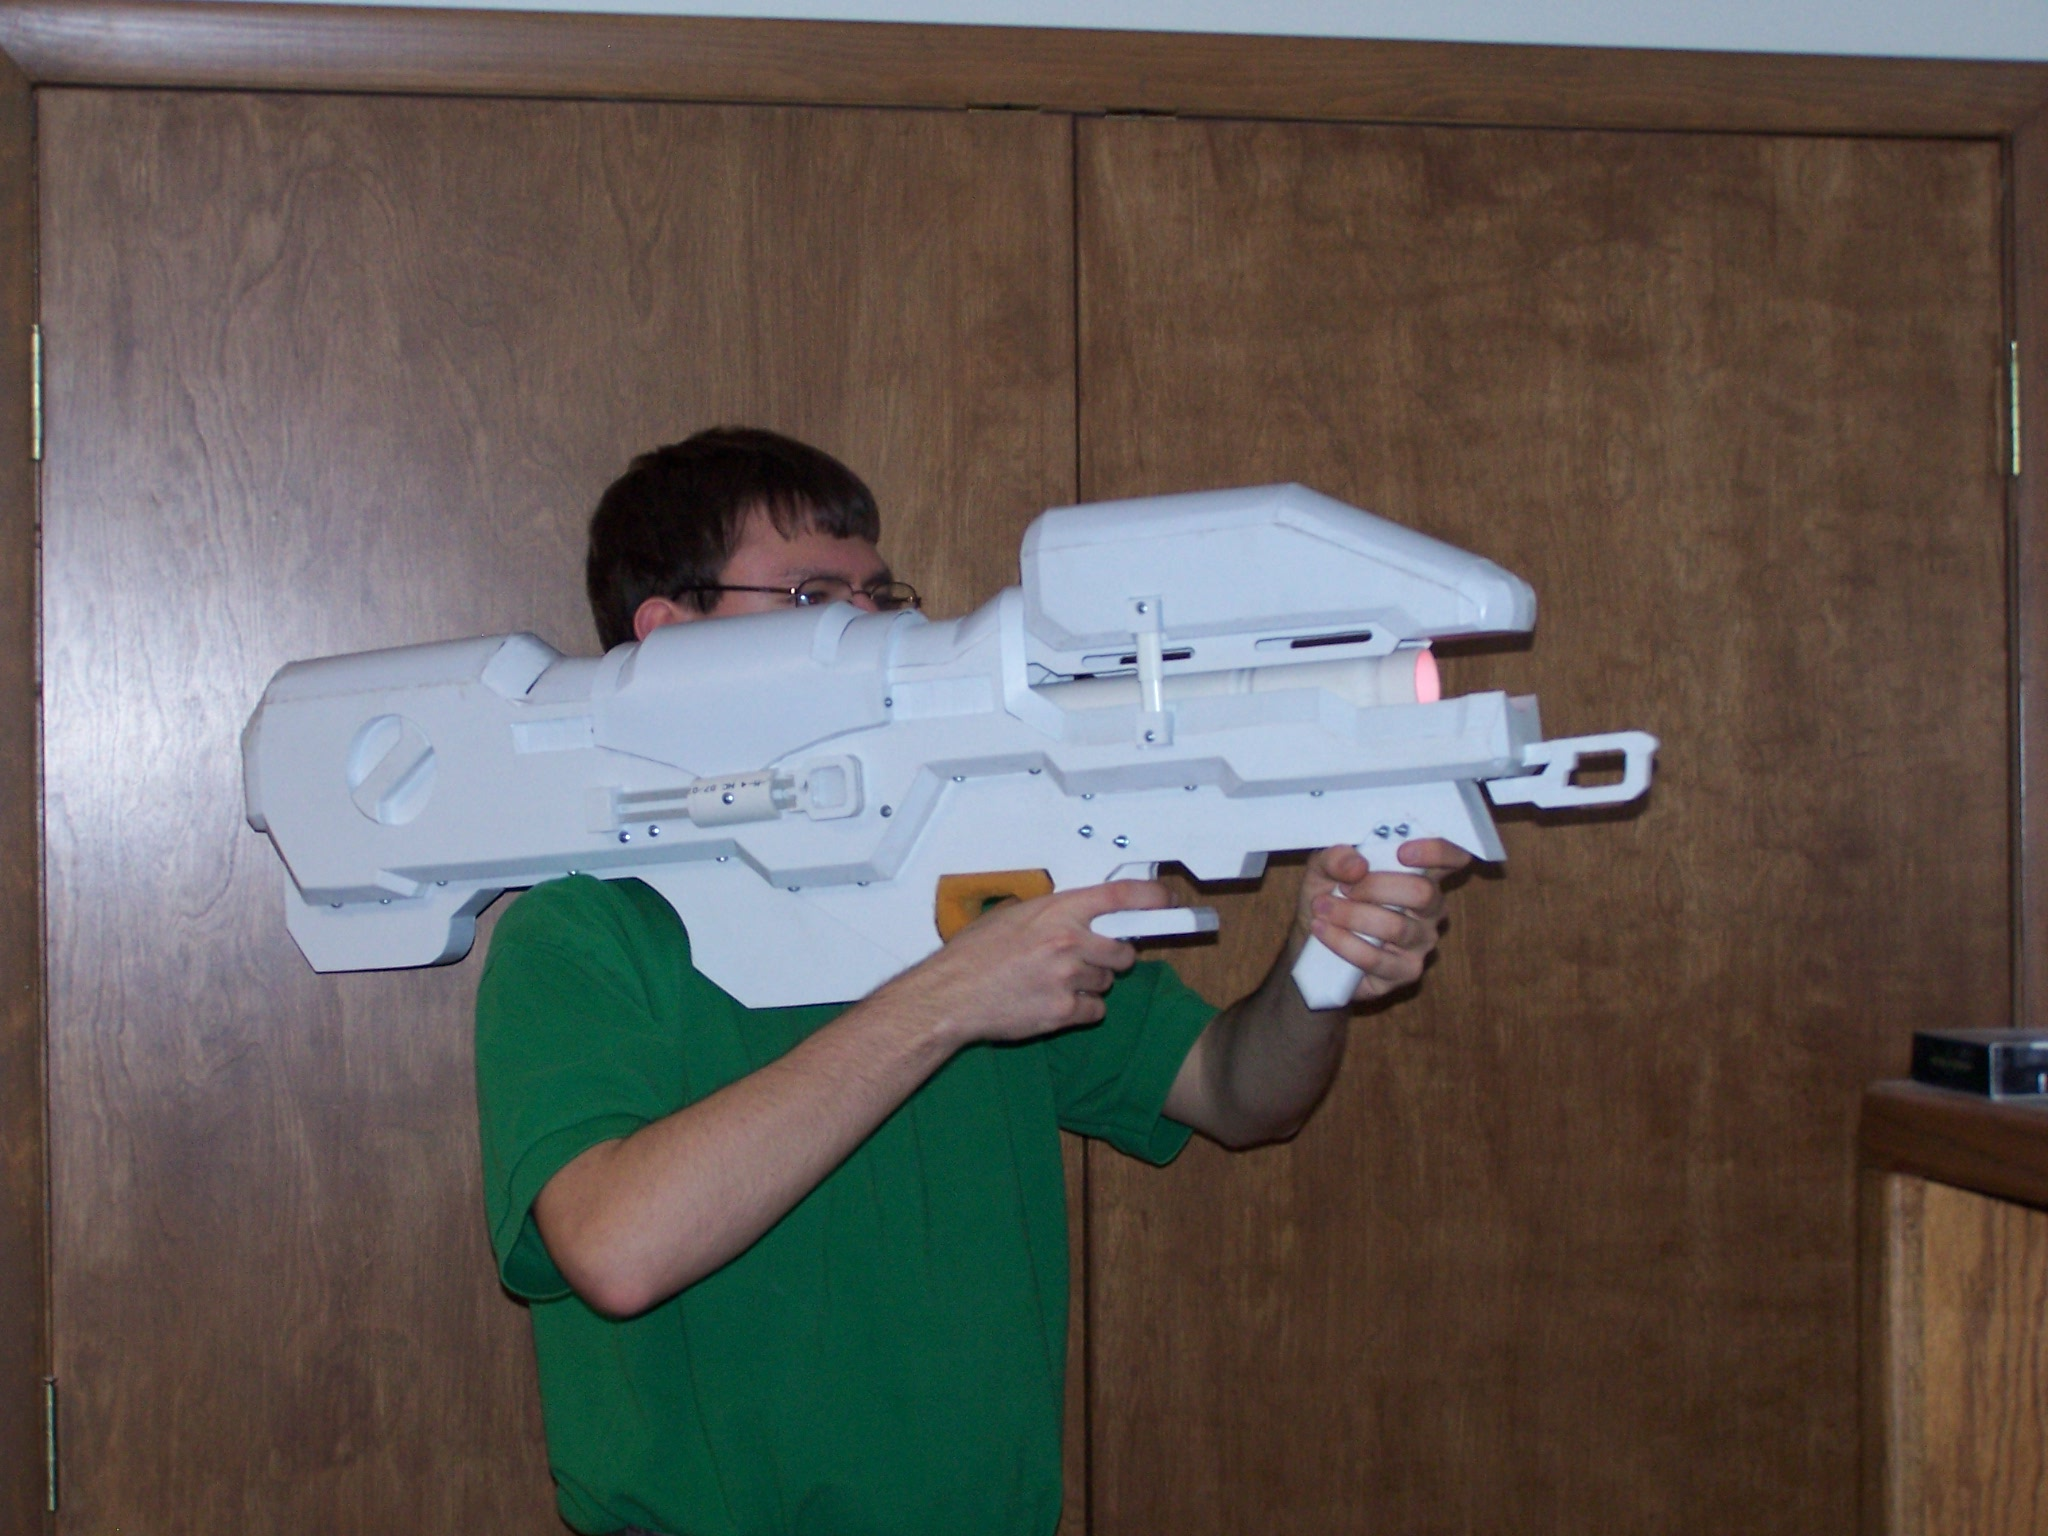 Spartan Laser Spartan Laser From Halo 3